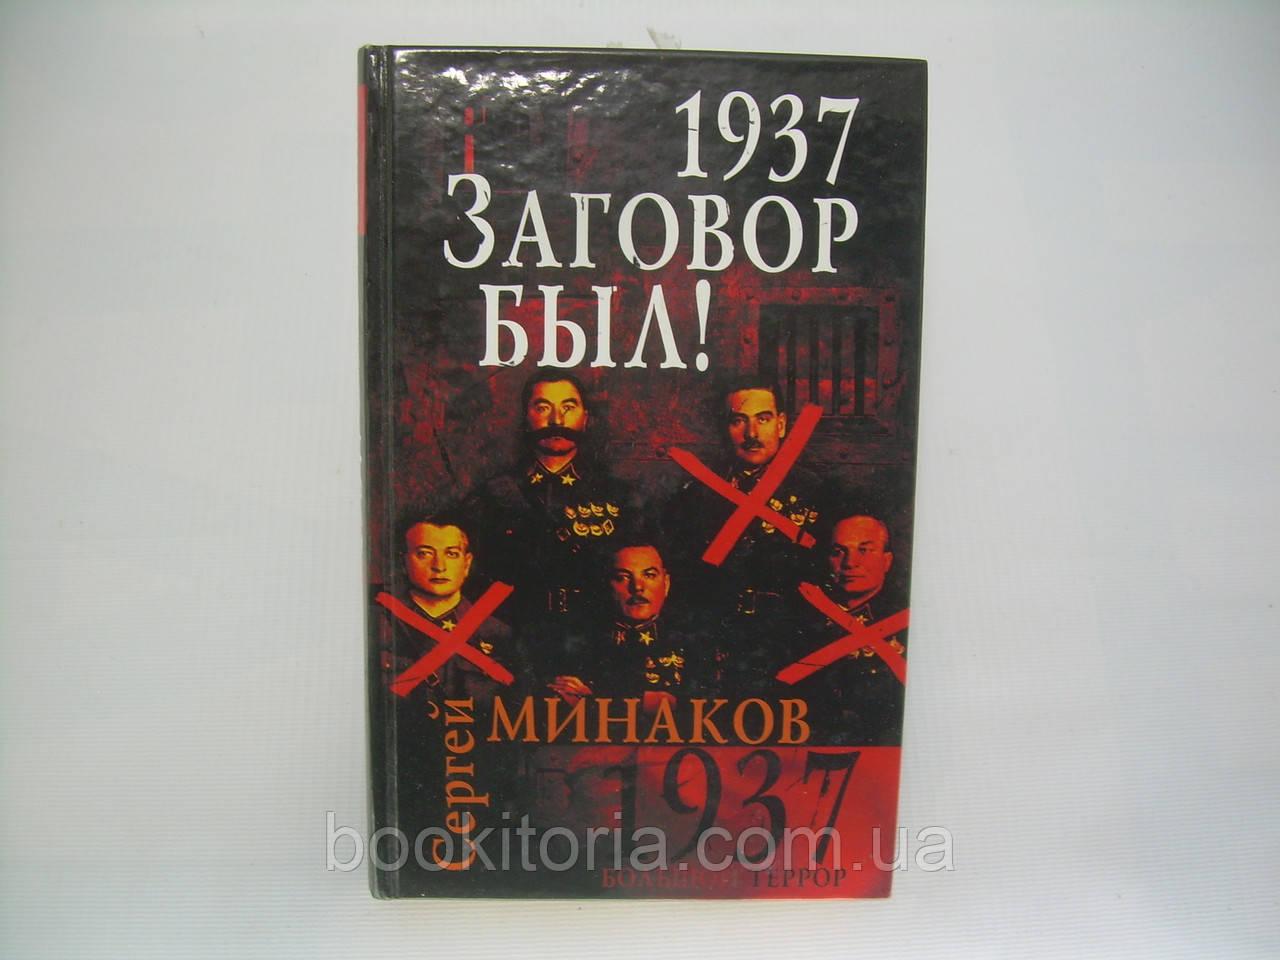 Минаков С. 1937: Заговор был (б/у)., фото 1